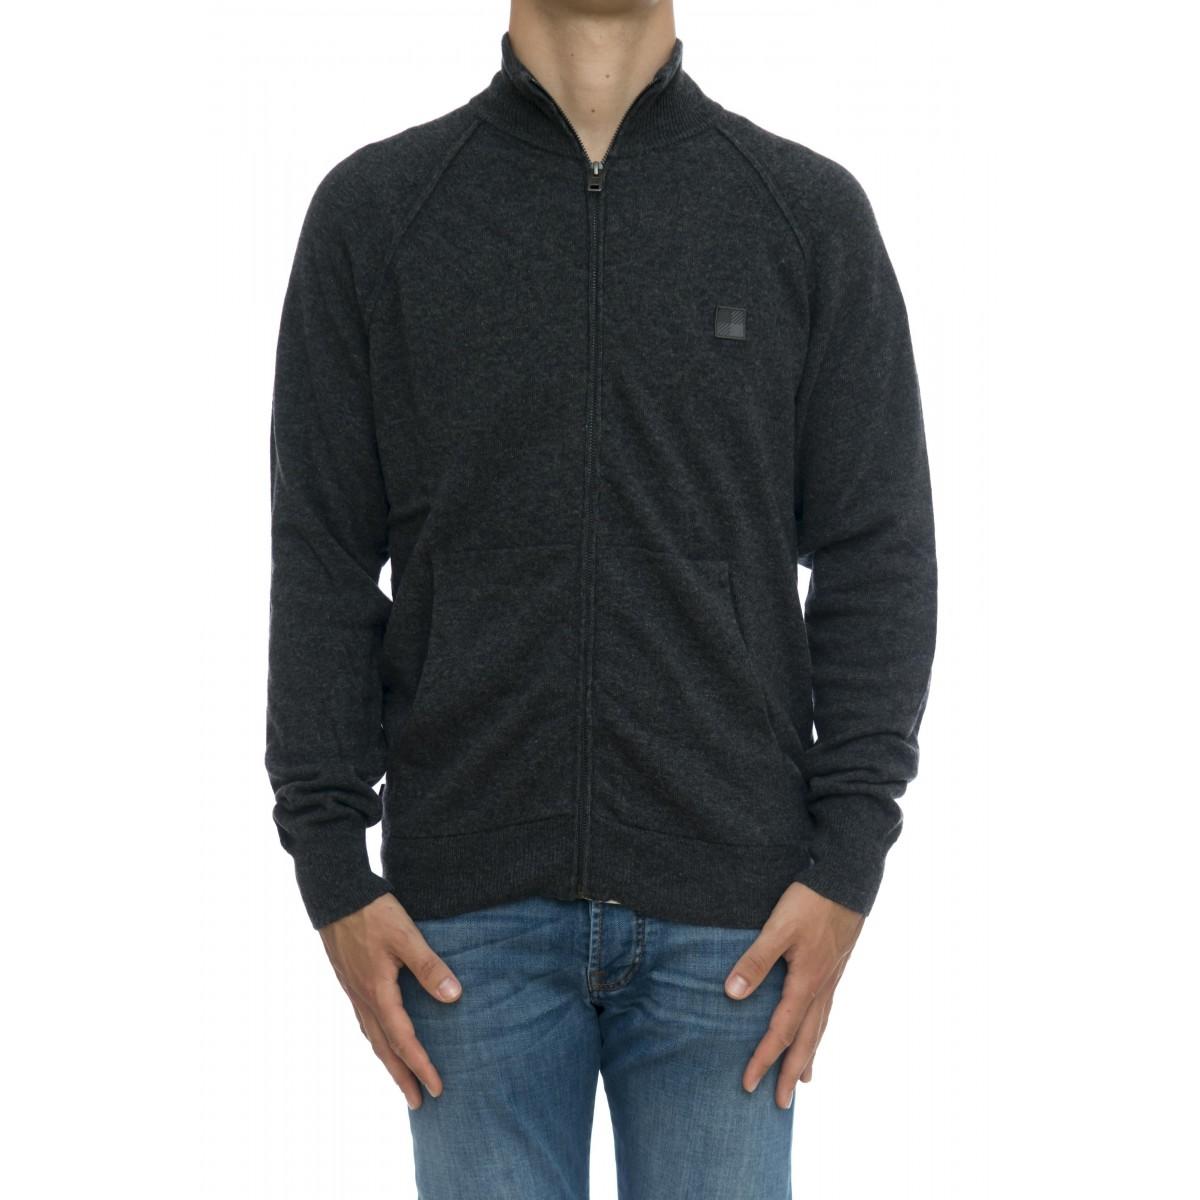 Maglia uomo - Womag1888 uf0350 maglia aperta zip